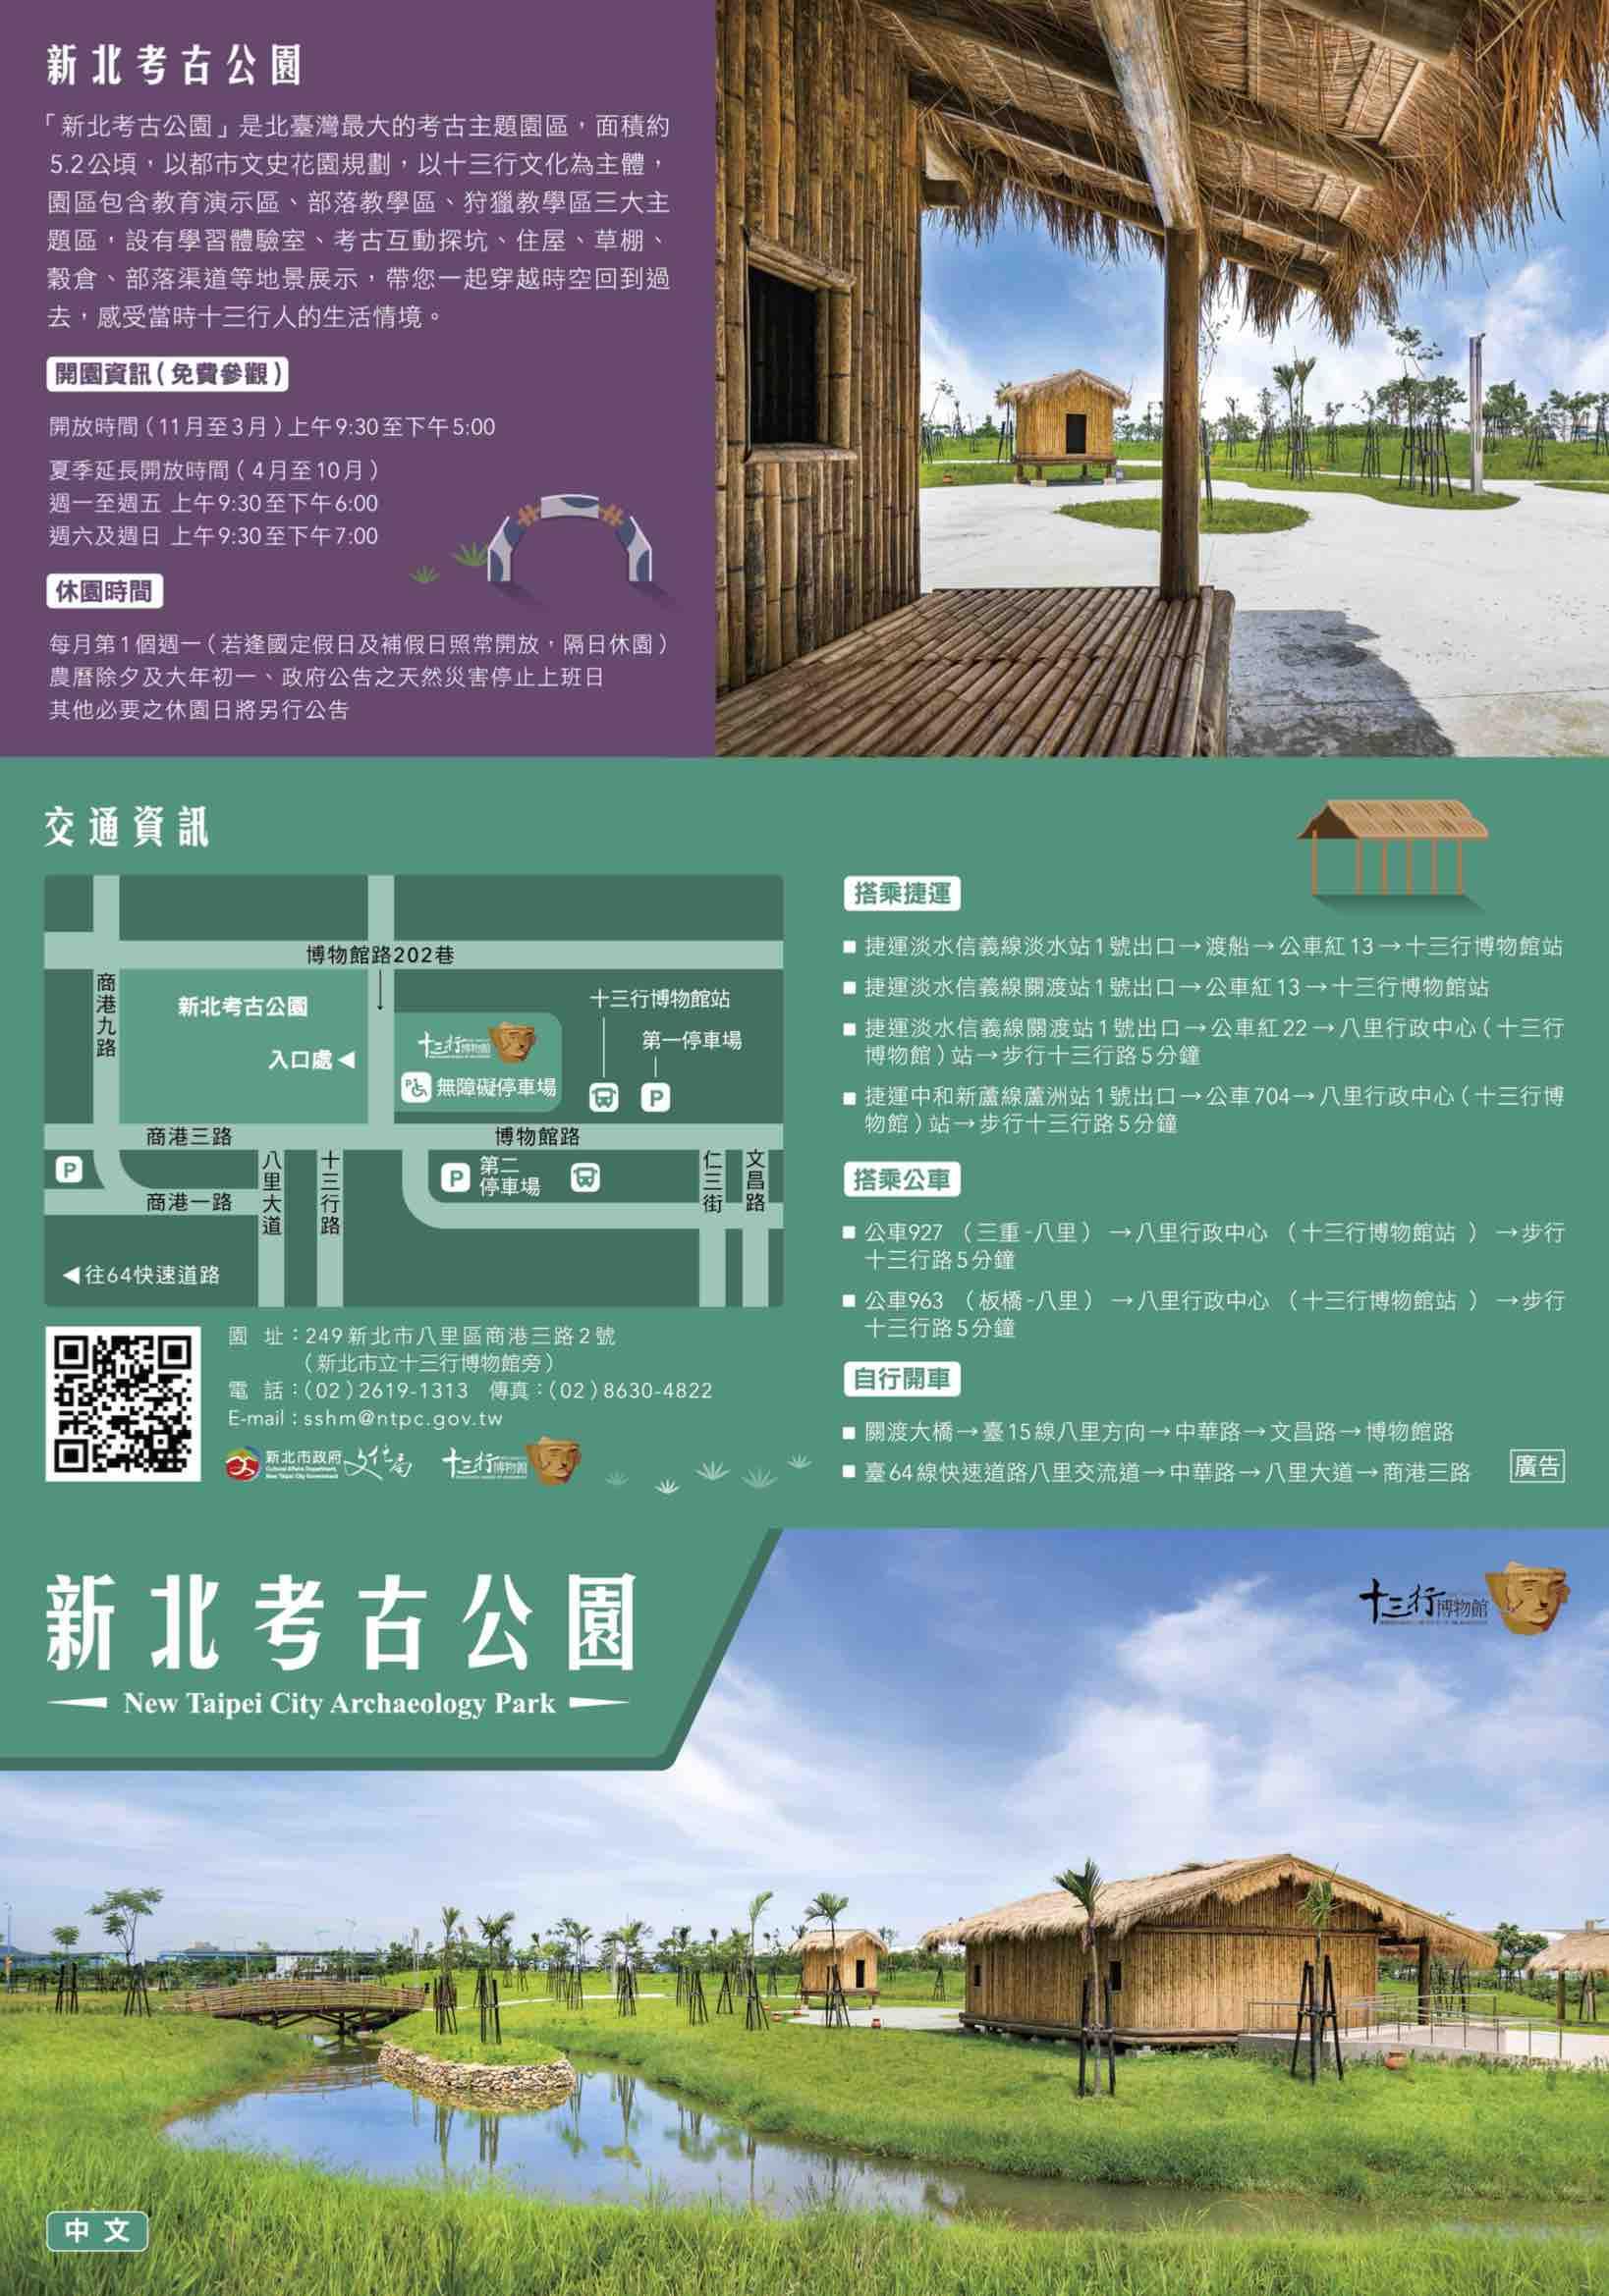 新北考古公園摺頁-中文1